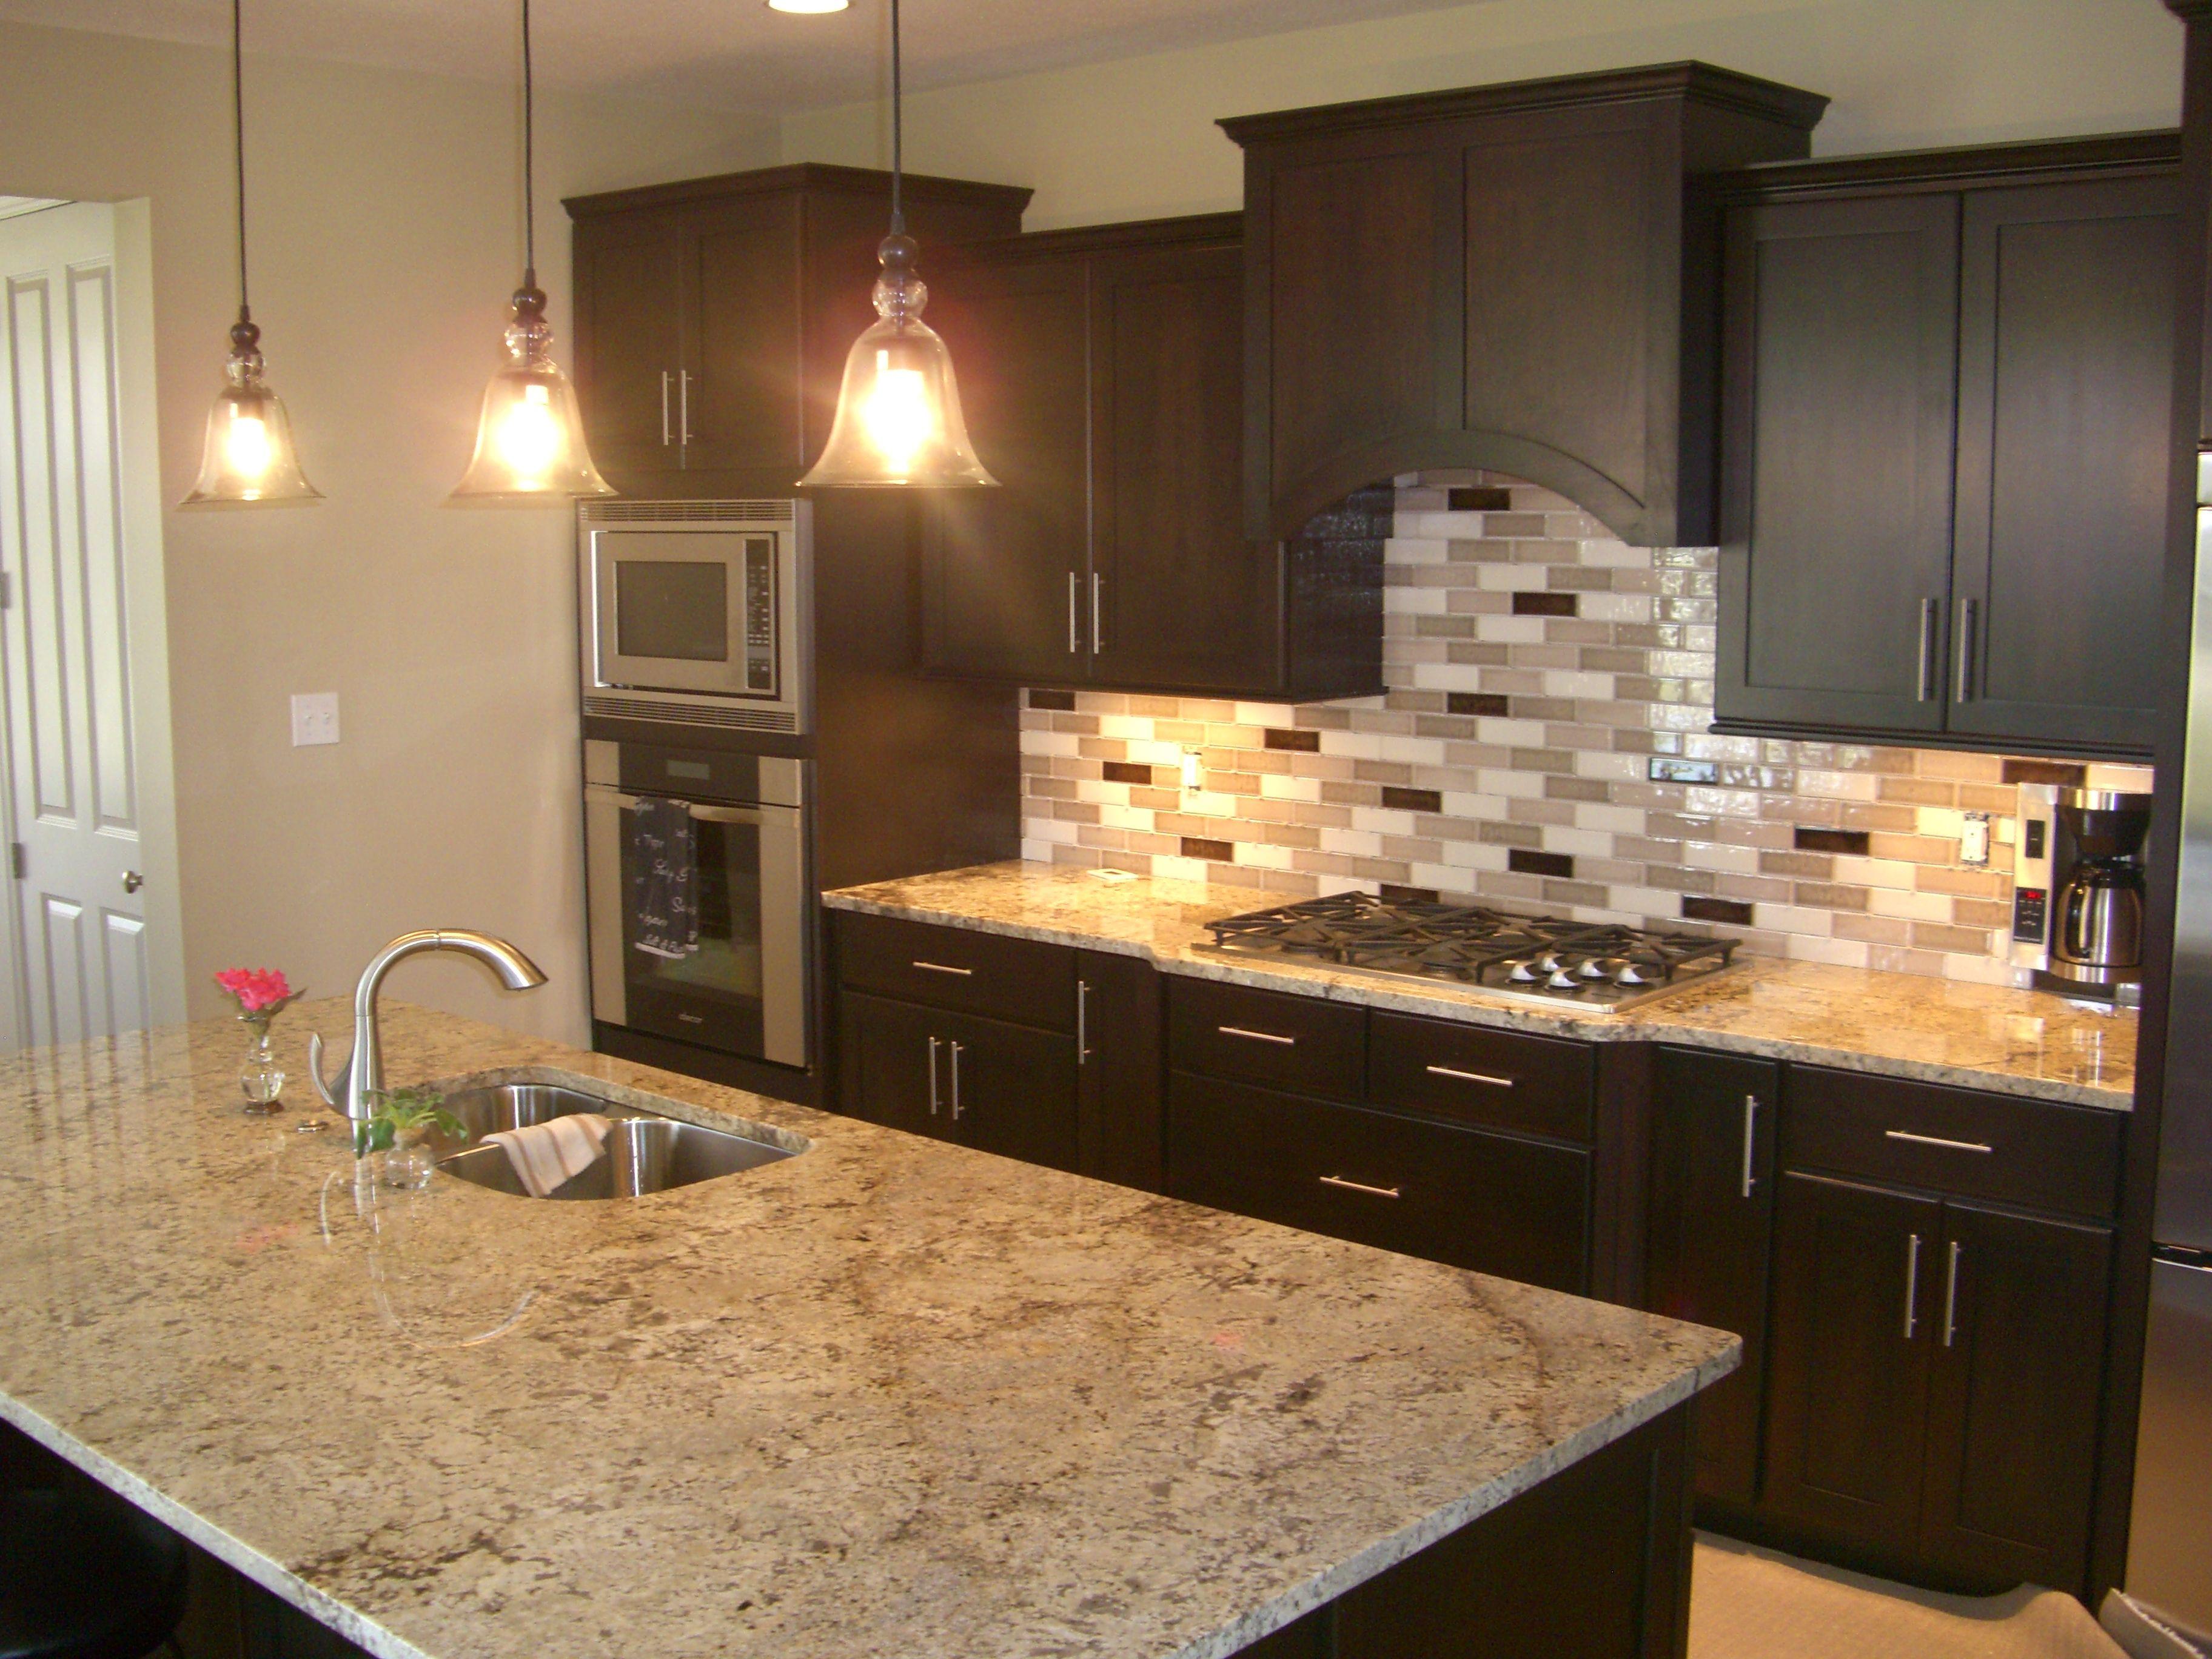 Kitchen Stone Backsplash Ideas With Dark Cabinets Tuscan Kitchen Tuscan Kitchen Design Kitchen Backsplash Designs